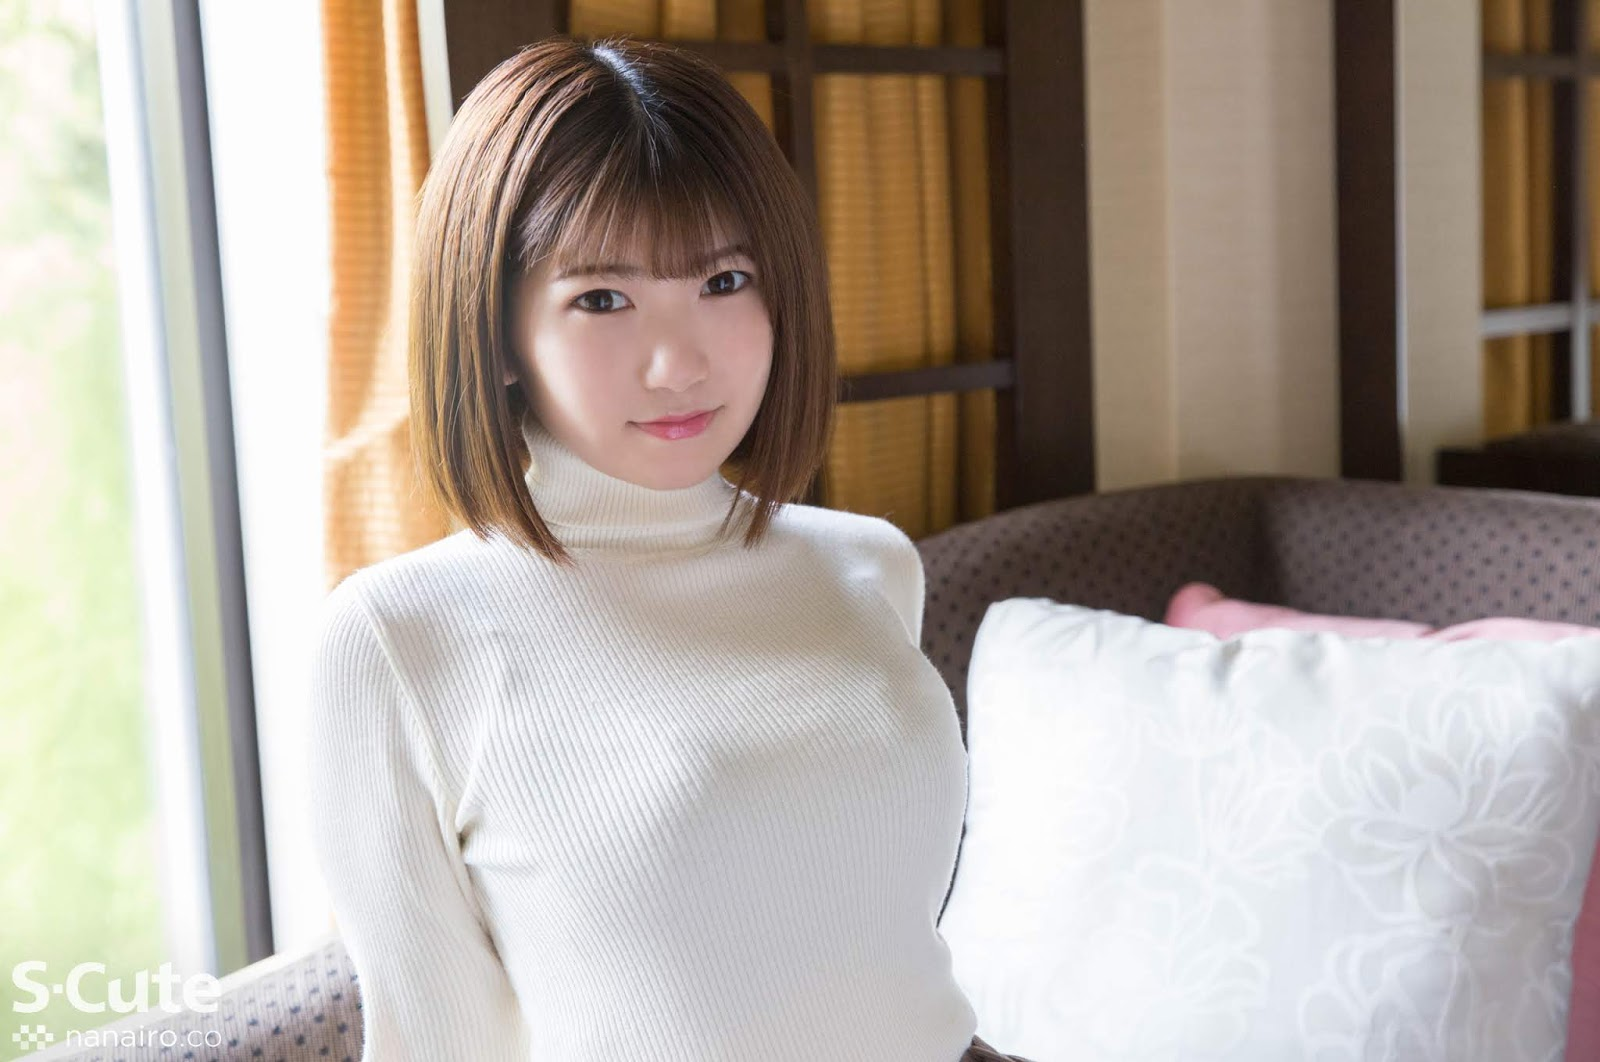 S-Cute 761_rina_02 本能のまま絡み合うセックス/Rina jav av image download